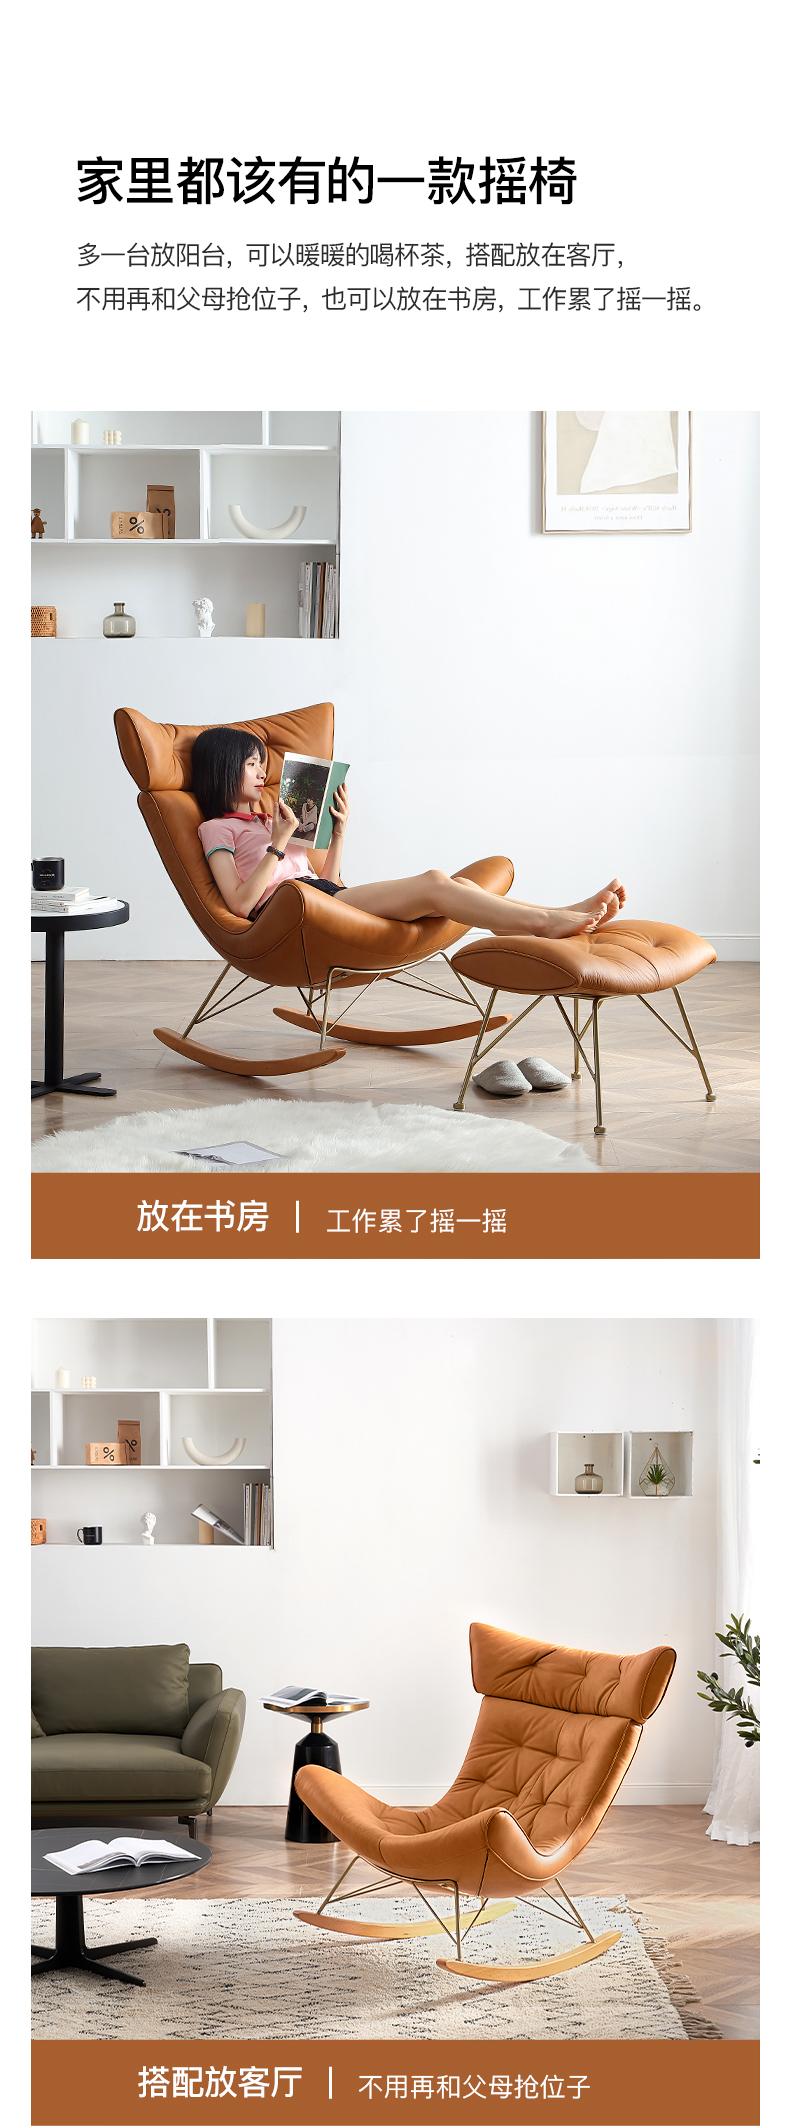 贝兮轻奢懒人蜗牛沙发躺椅,送家里慵懒家居好物